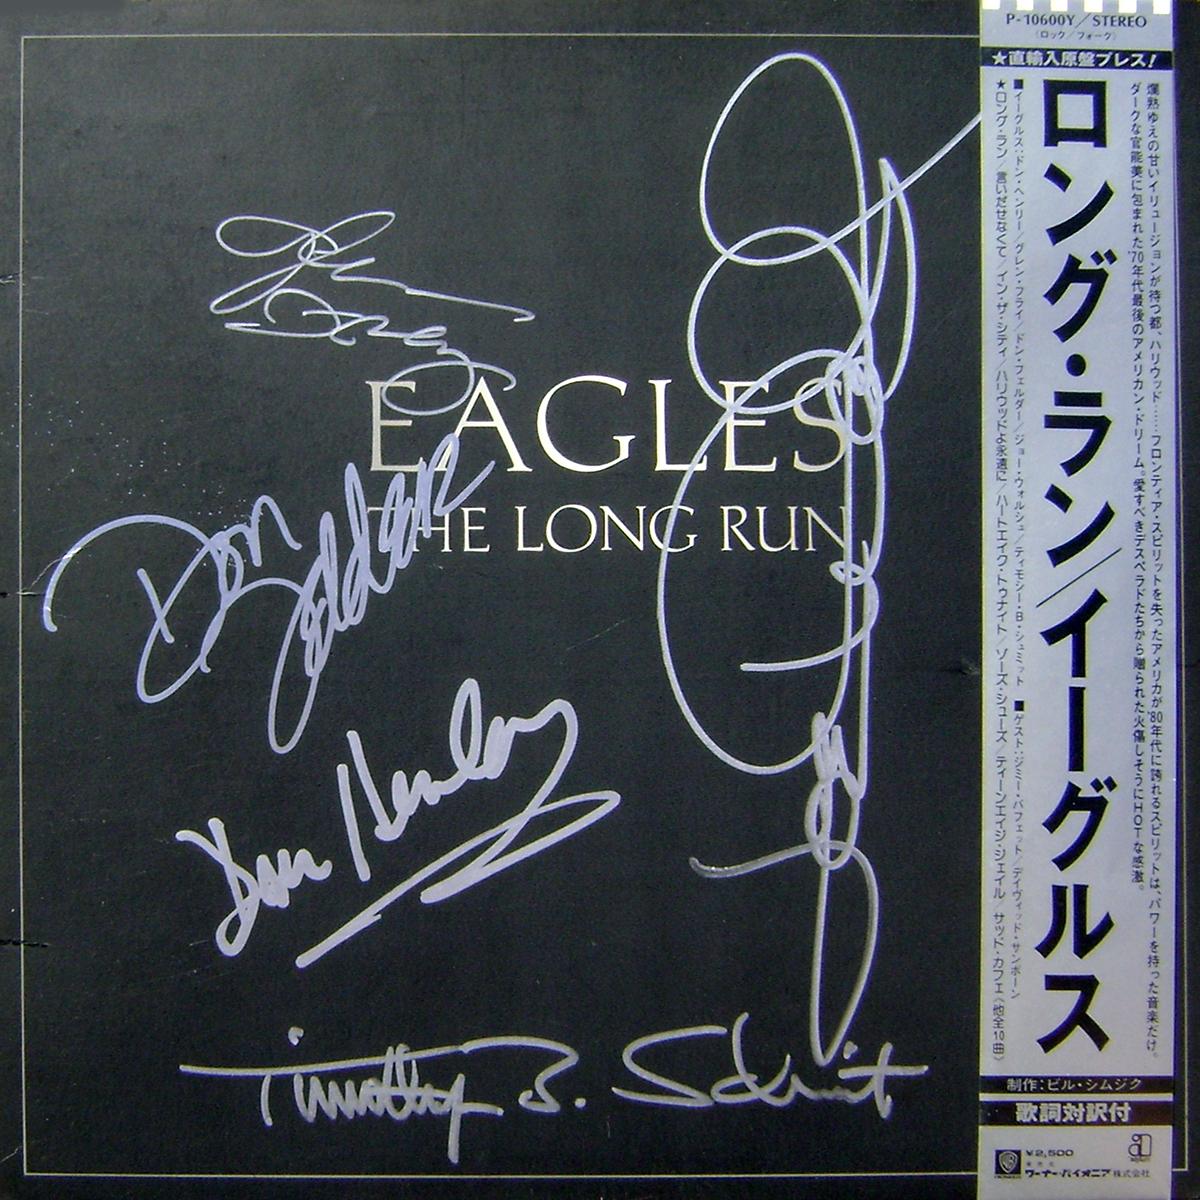 Eagles LP - The Long Run #2